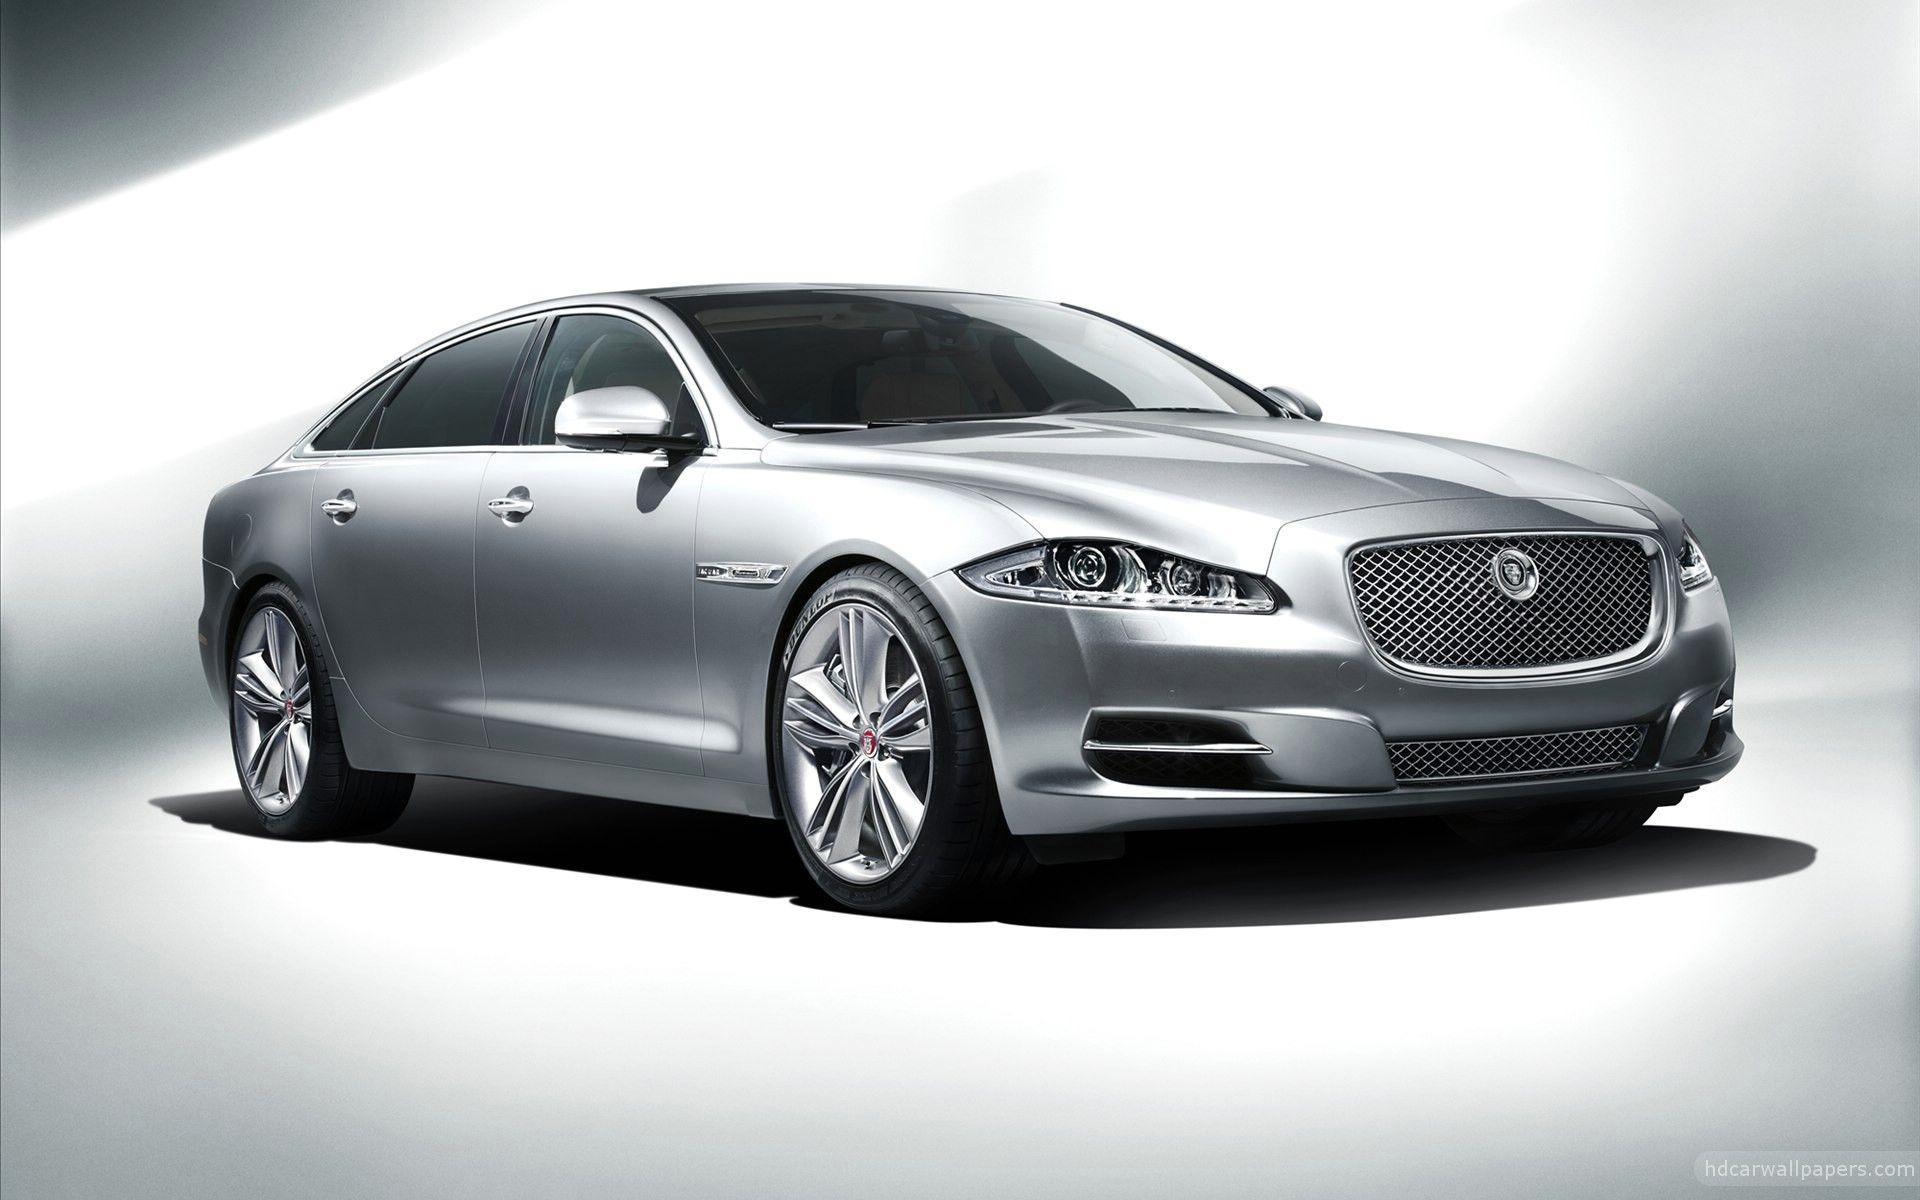 2012 Jaguar Xj Wallpaper Free Download Resolution 1920x1200 Px